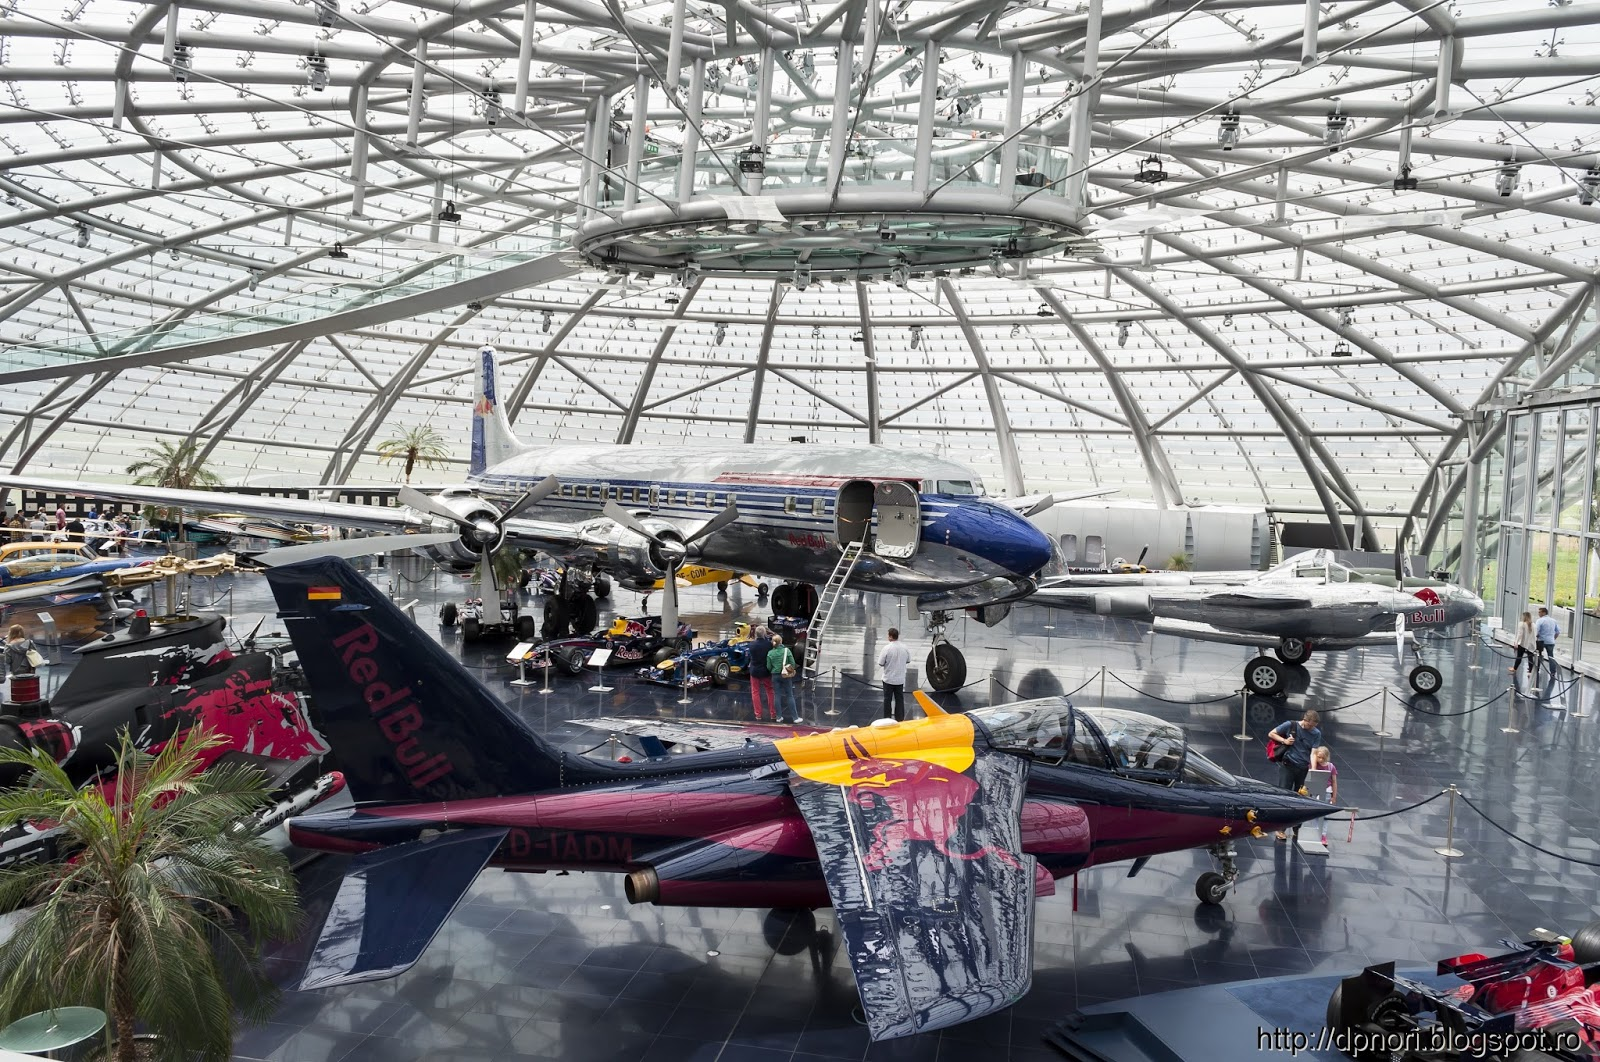 Hangar Salzburg